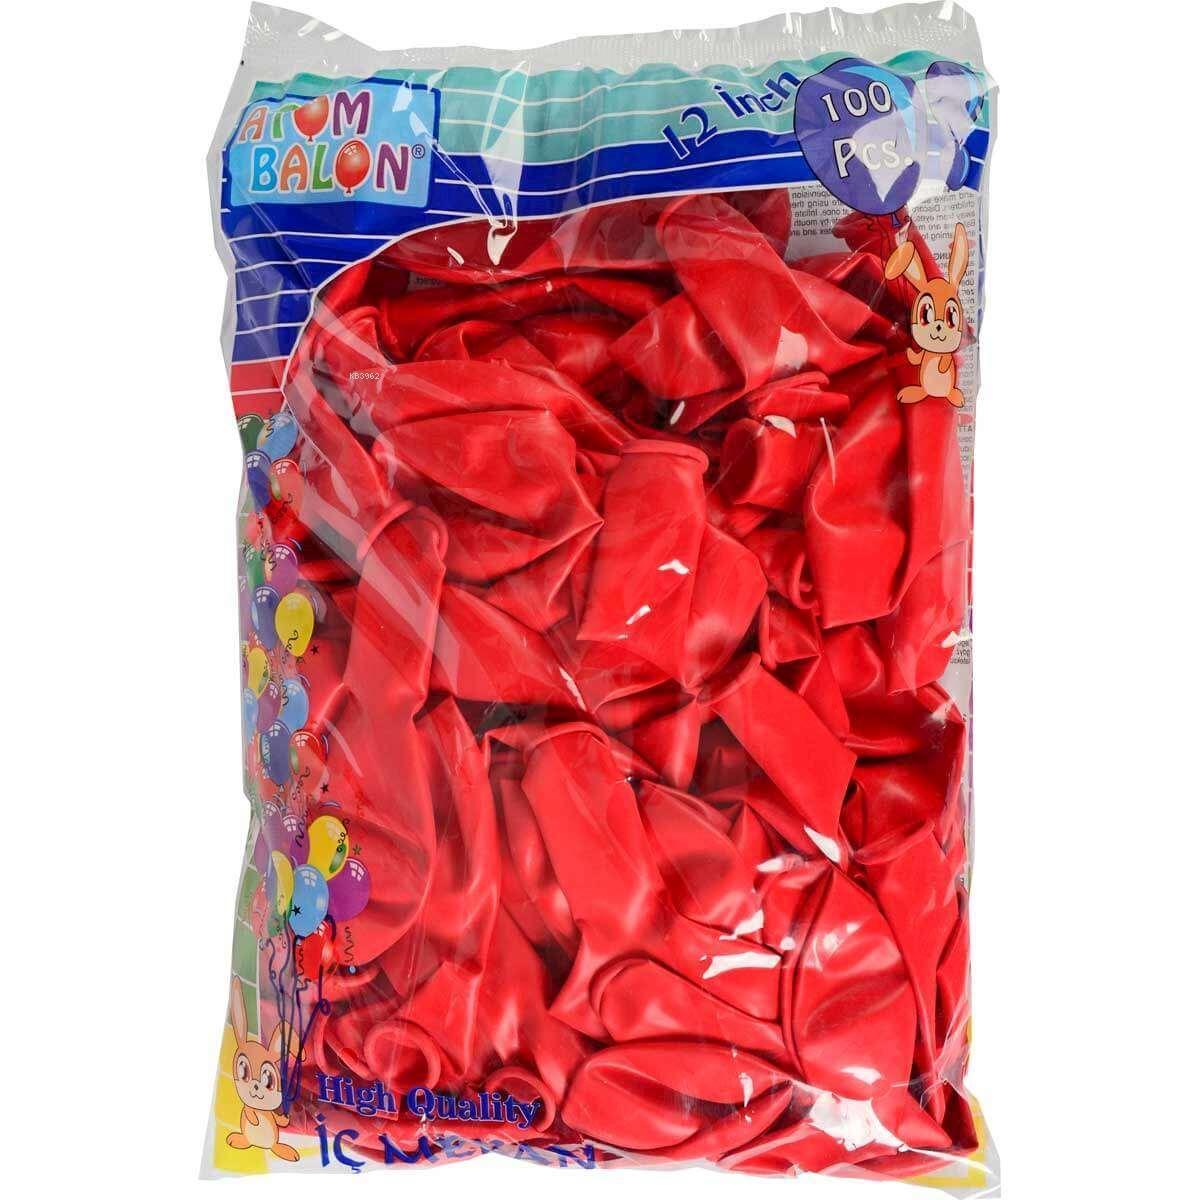 Vatan 904 Kırmızı Dekorasyon Balonu 100'lü